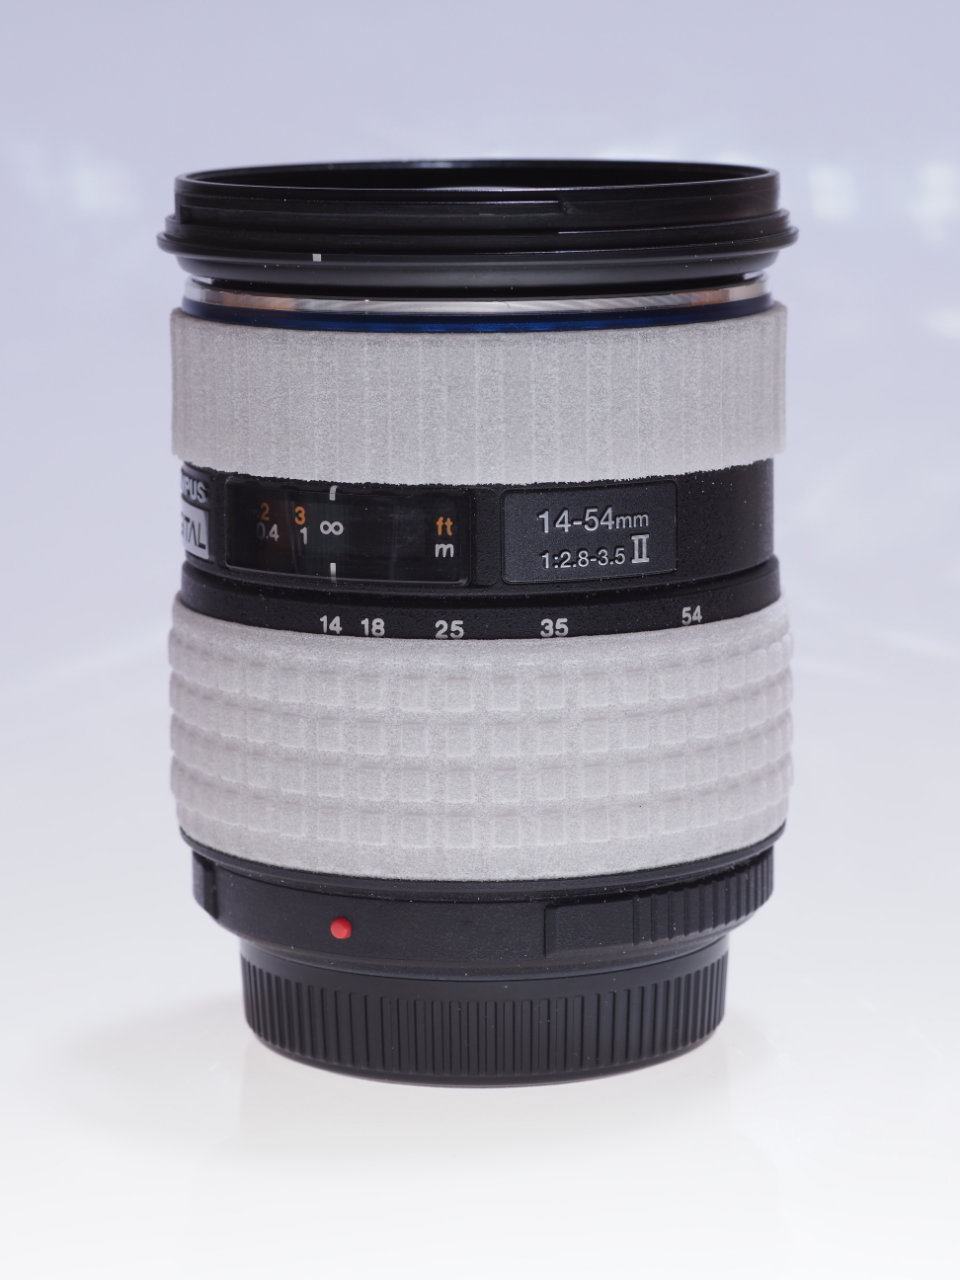 Olympus Zuiko 14-54mm II mit 3D gedrucktem Zoom- und Fokusring